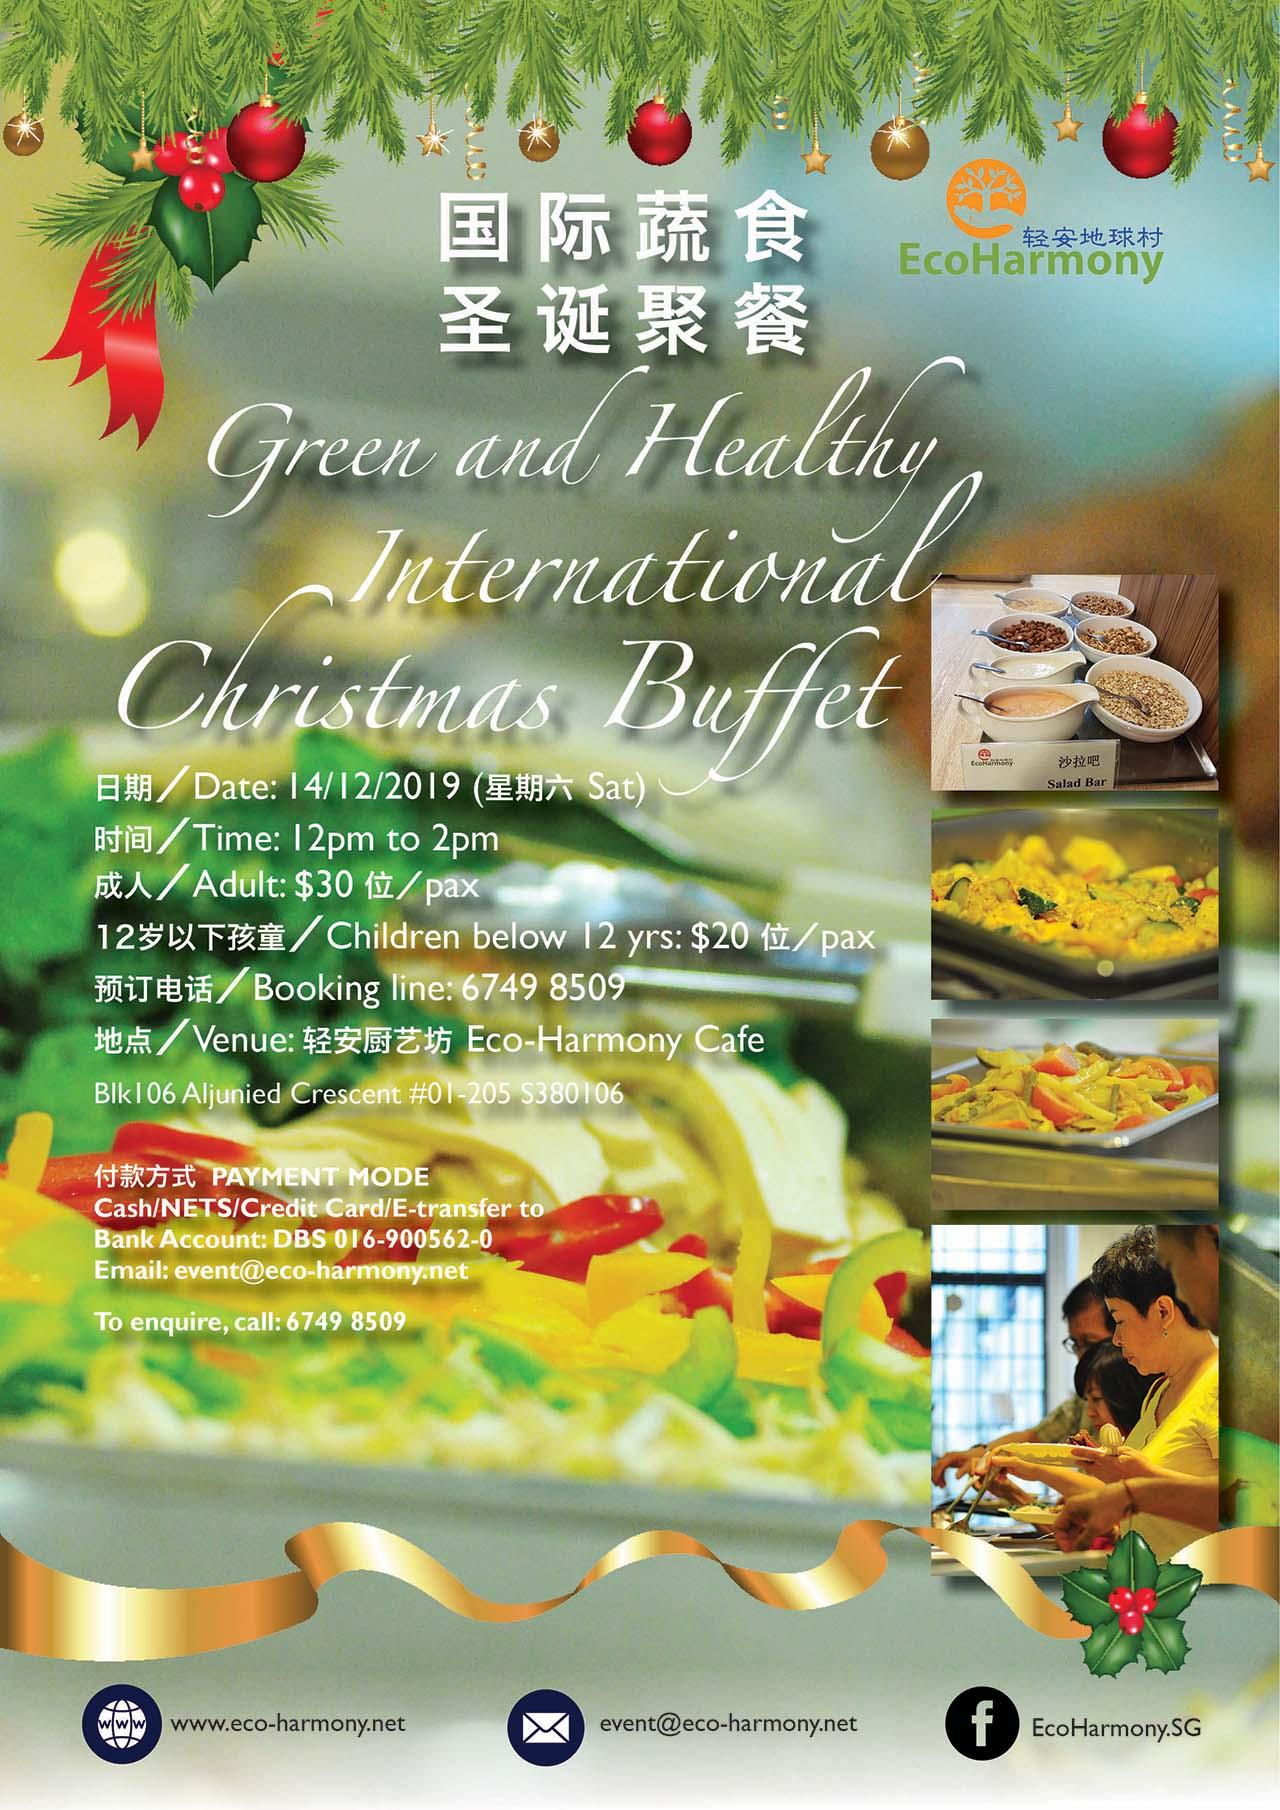 Green & Healthy International Christmas Buffet